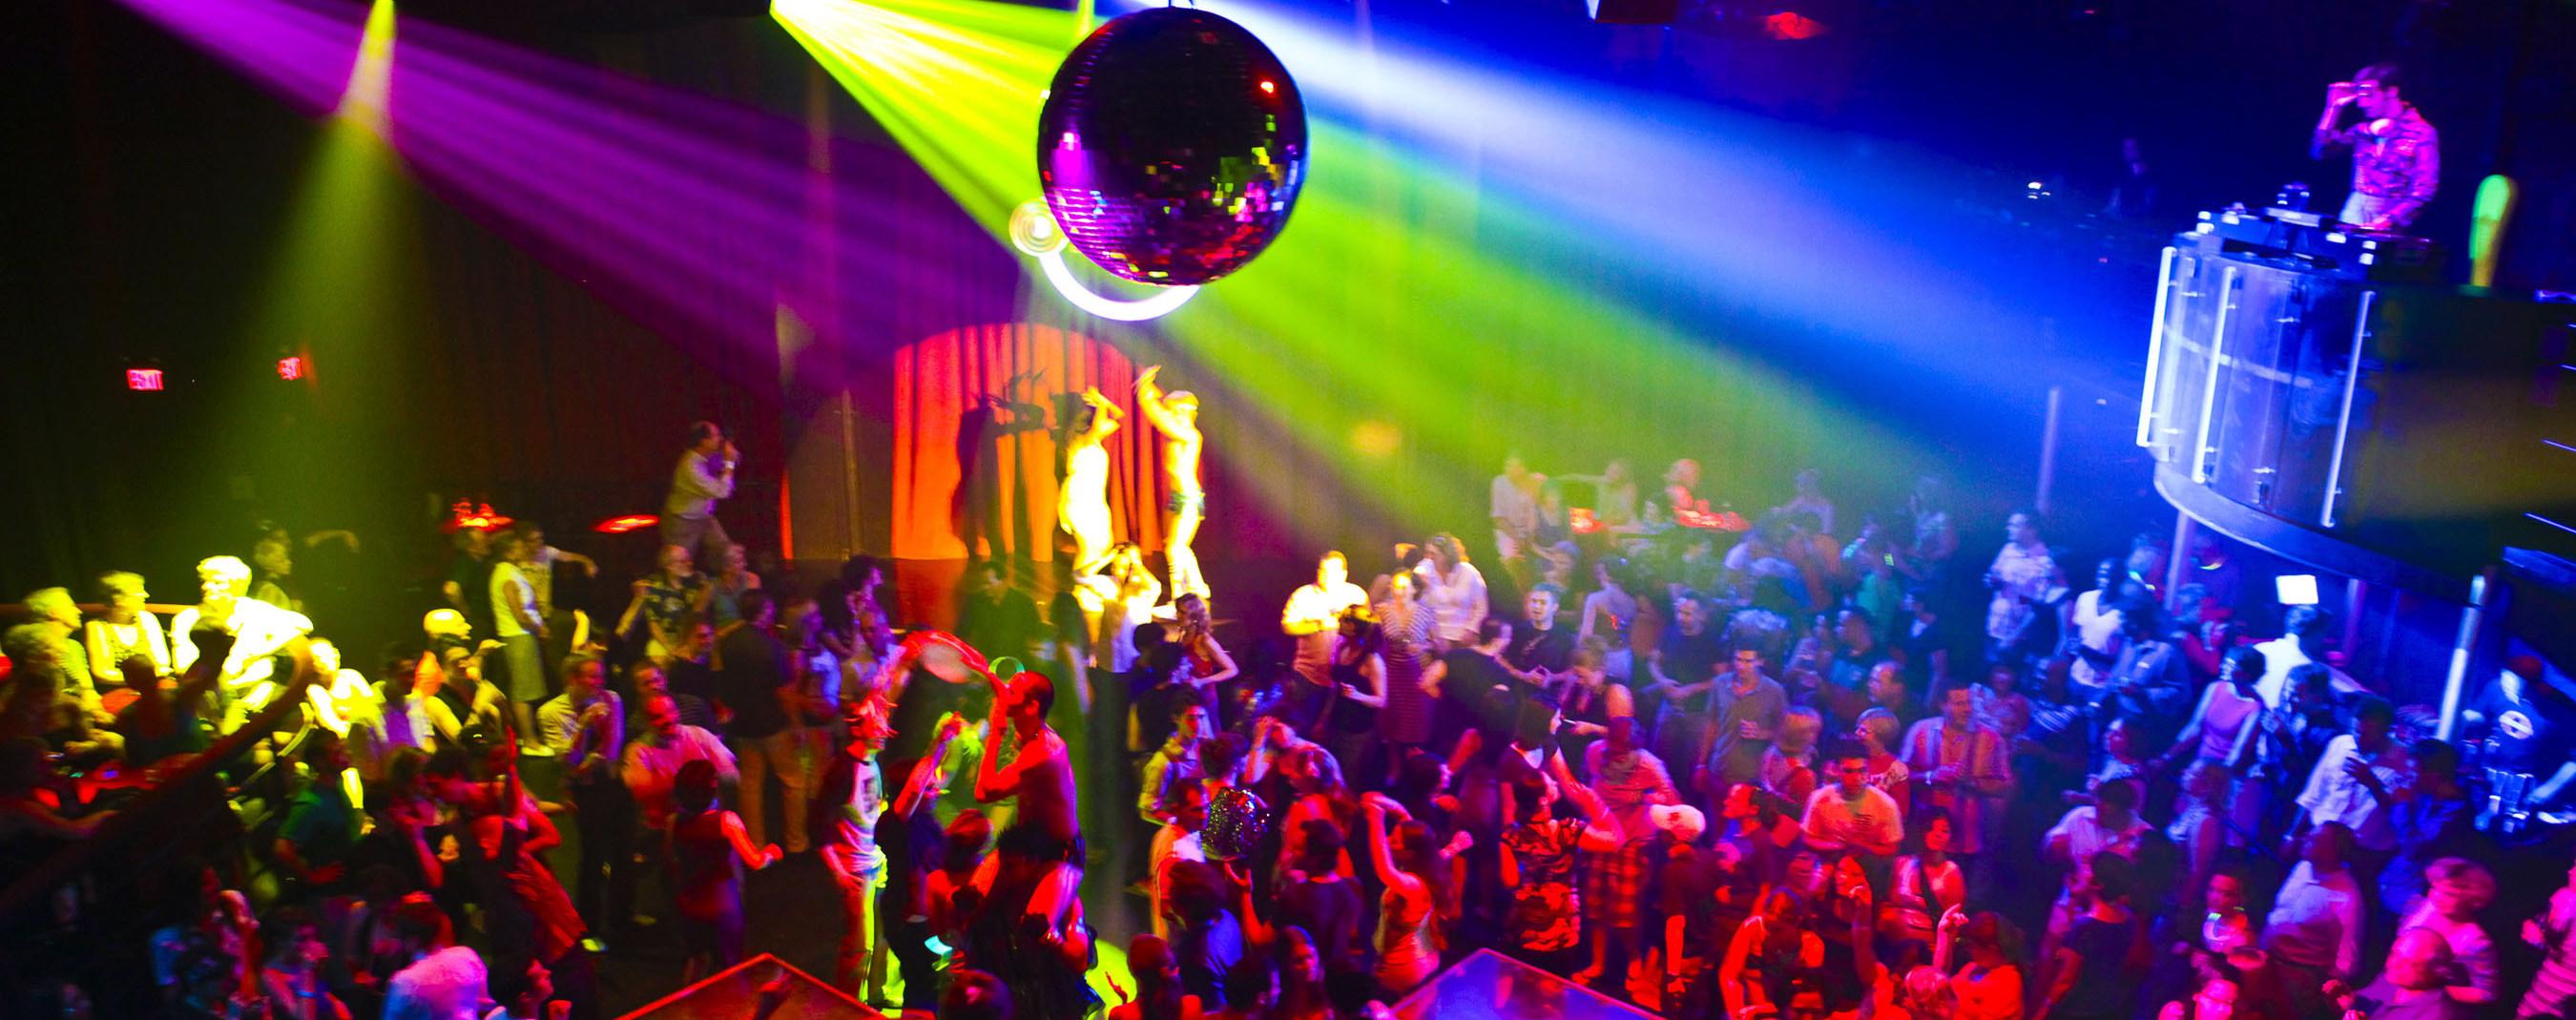 Dancefloor for 1234 get on the dance floor dj mix